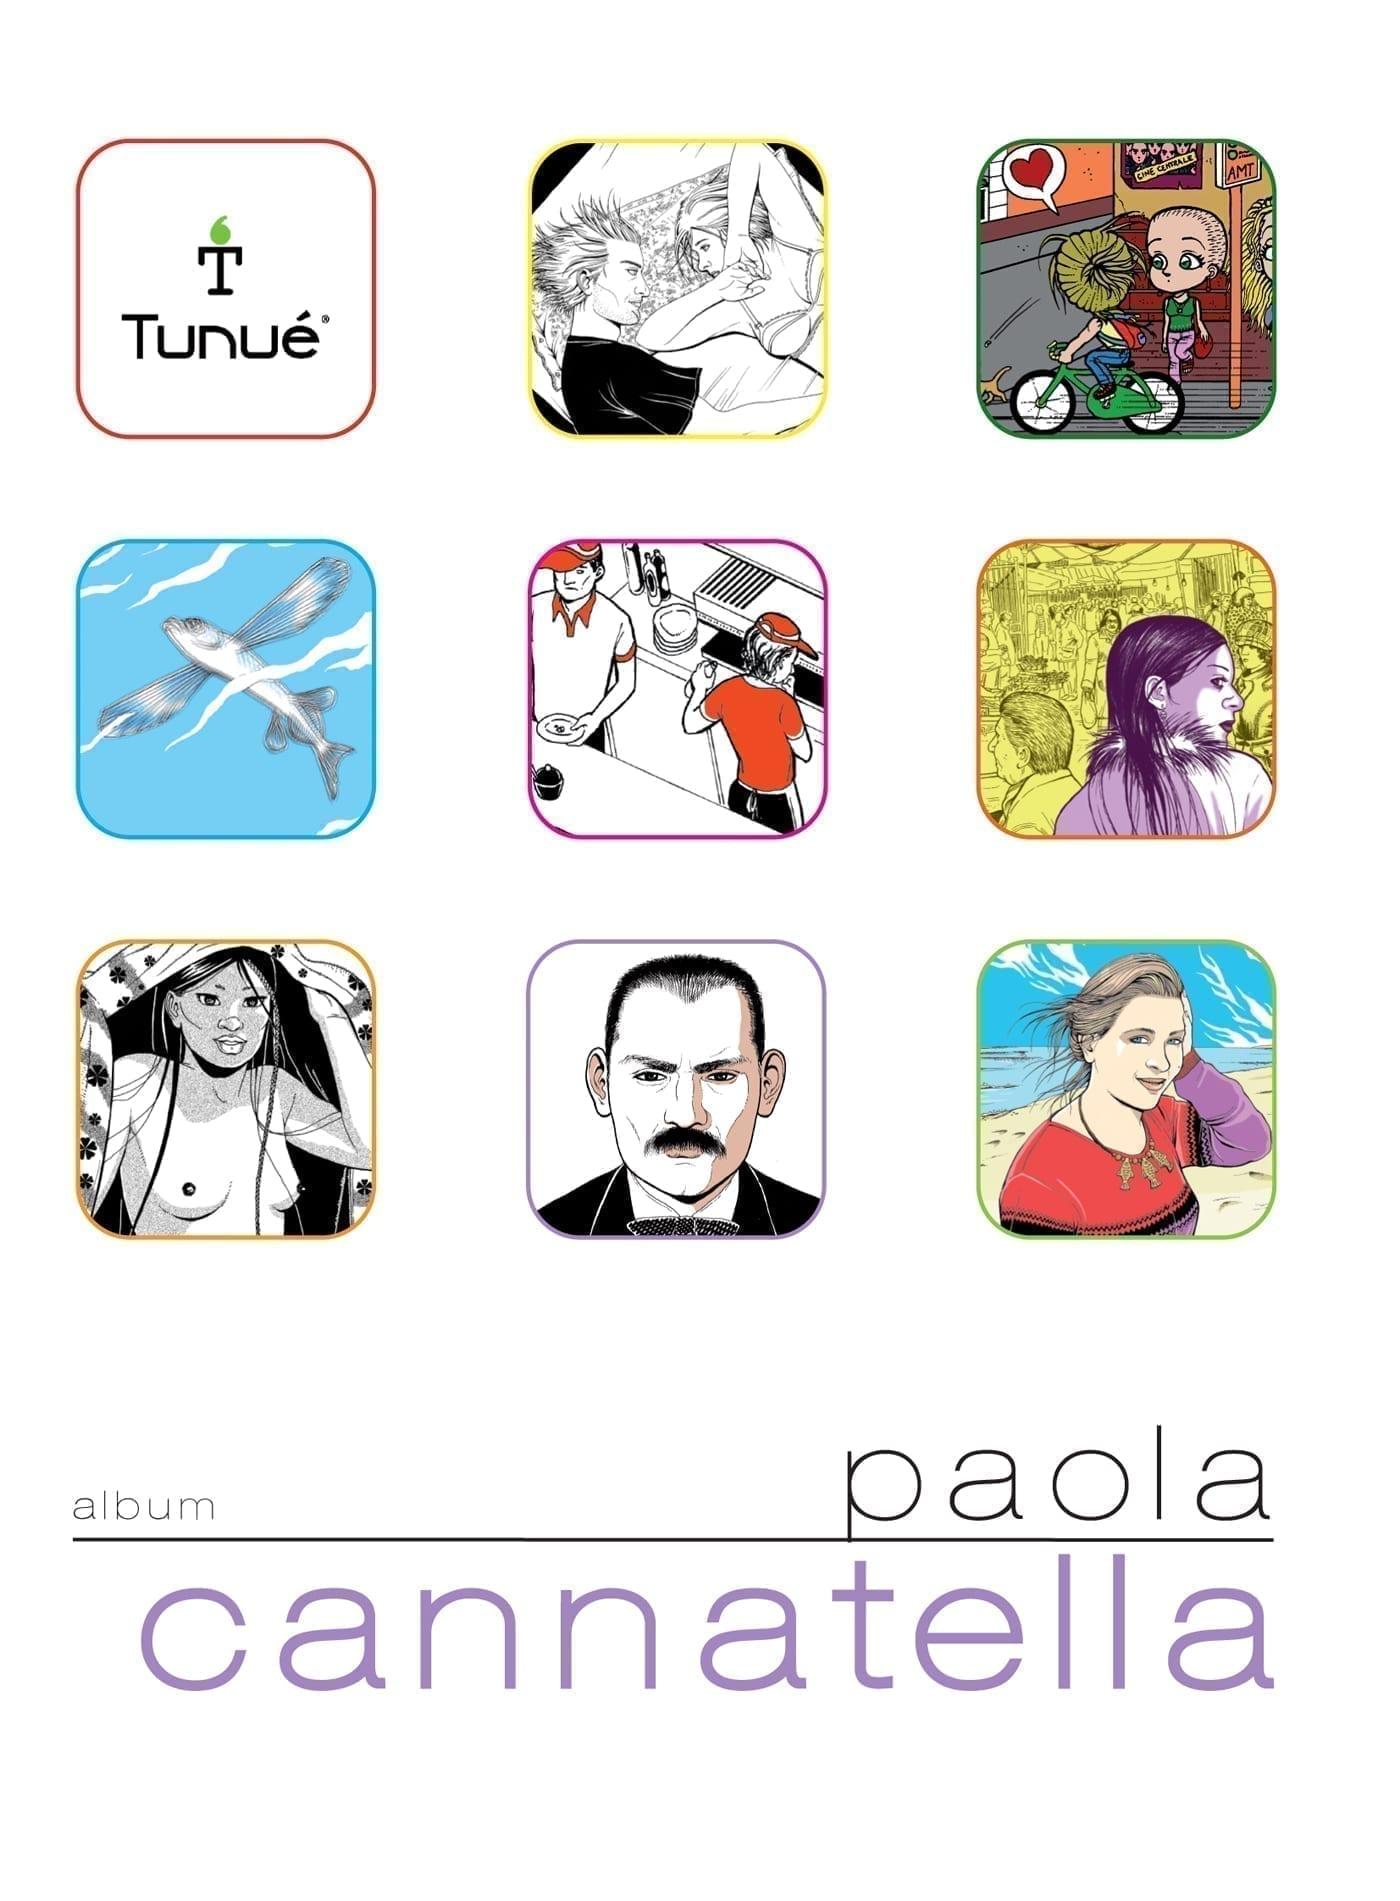 Album 10 – Paola Cannatella 978-88-89613-74-0